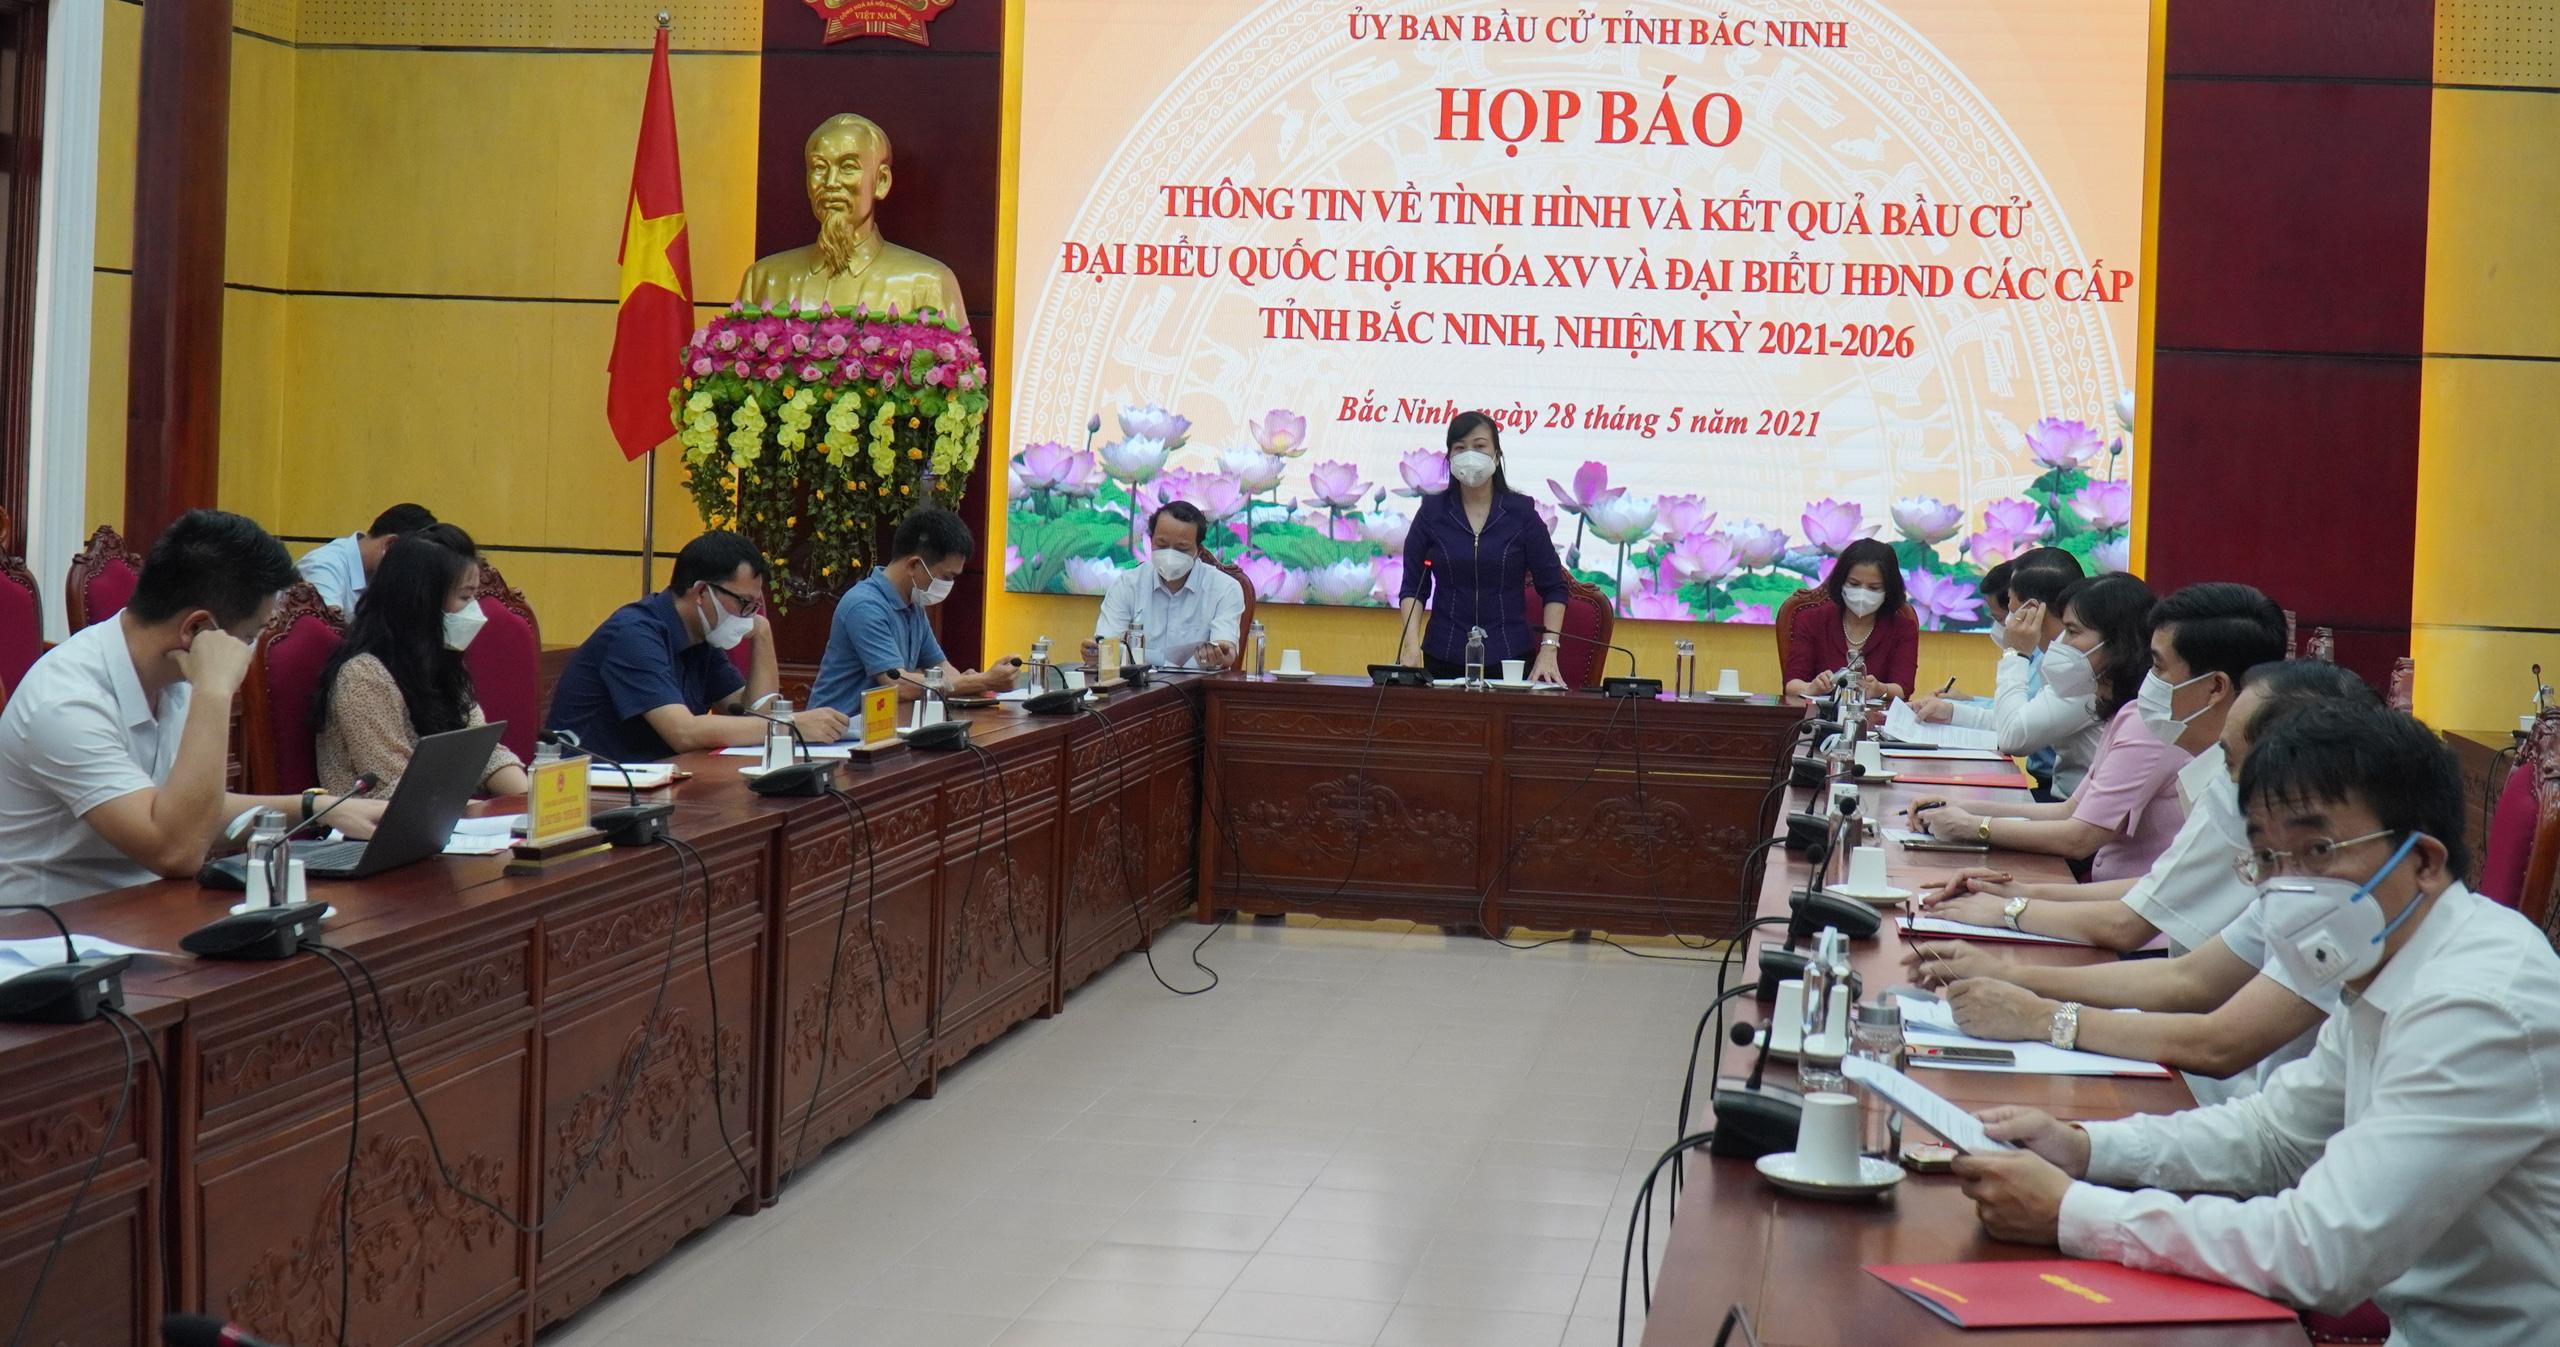 Bắc Ninh: Bầu cử thêm 19 đại biểu HĐND cấp xã vào ngày 30/5 - Ảnh 1.